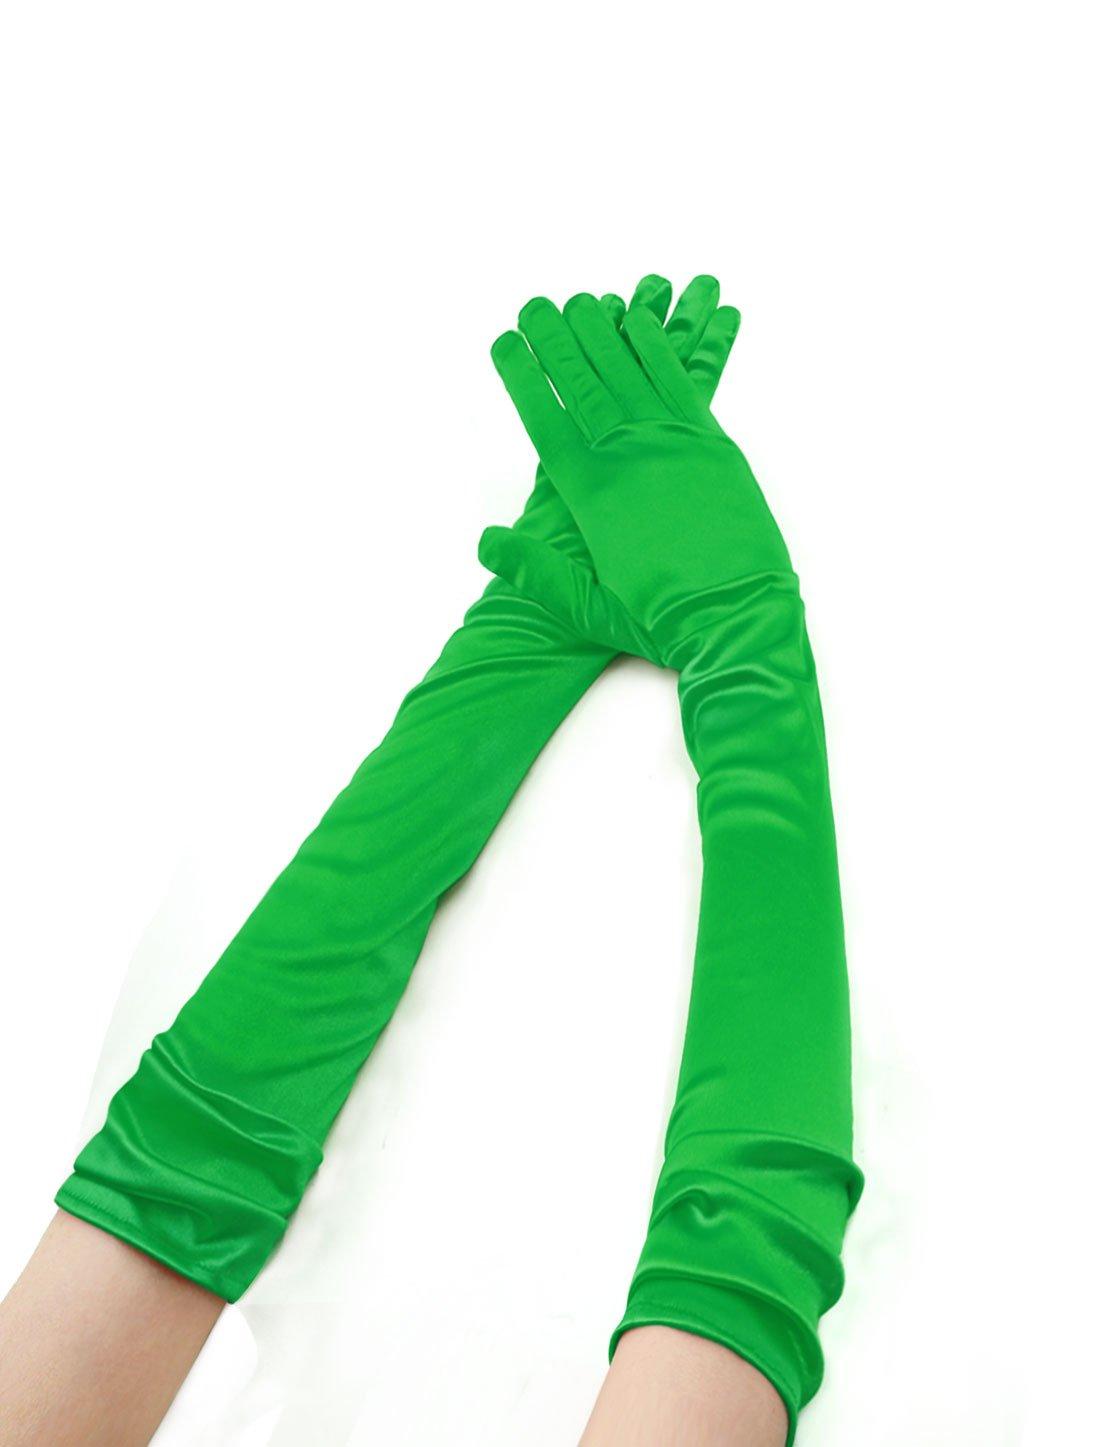 Allegra K Women Stretchy Opera Length Full Finger Gloves Pair Green a16012100ux0023